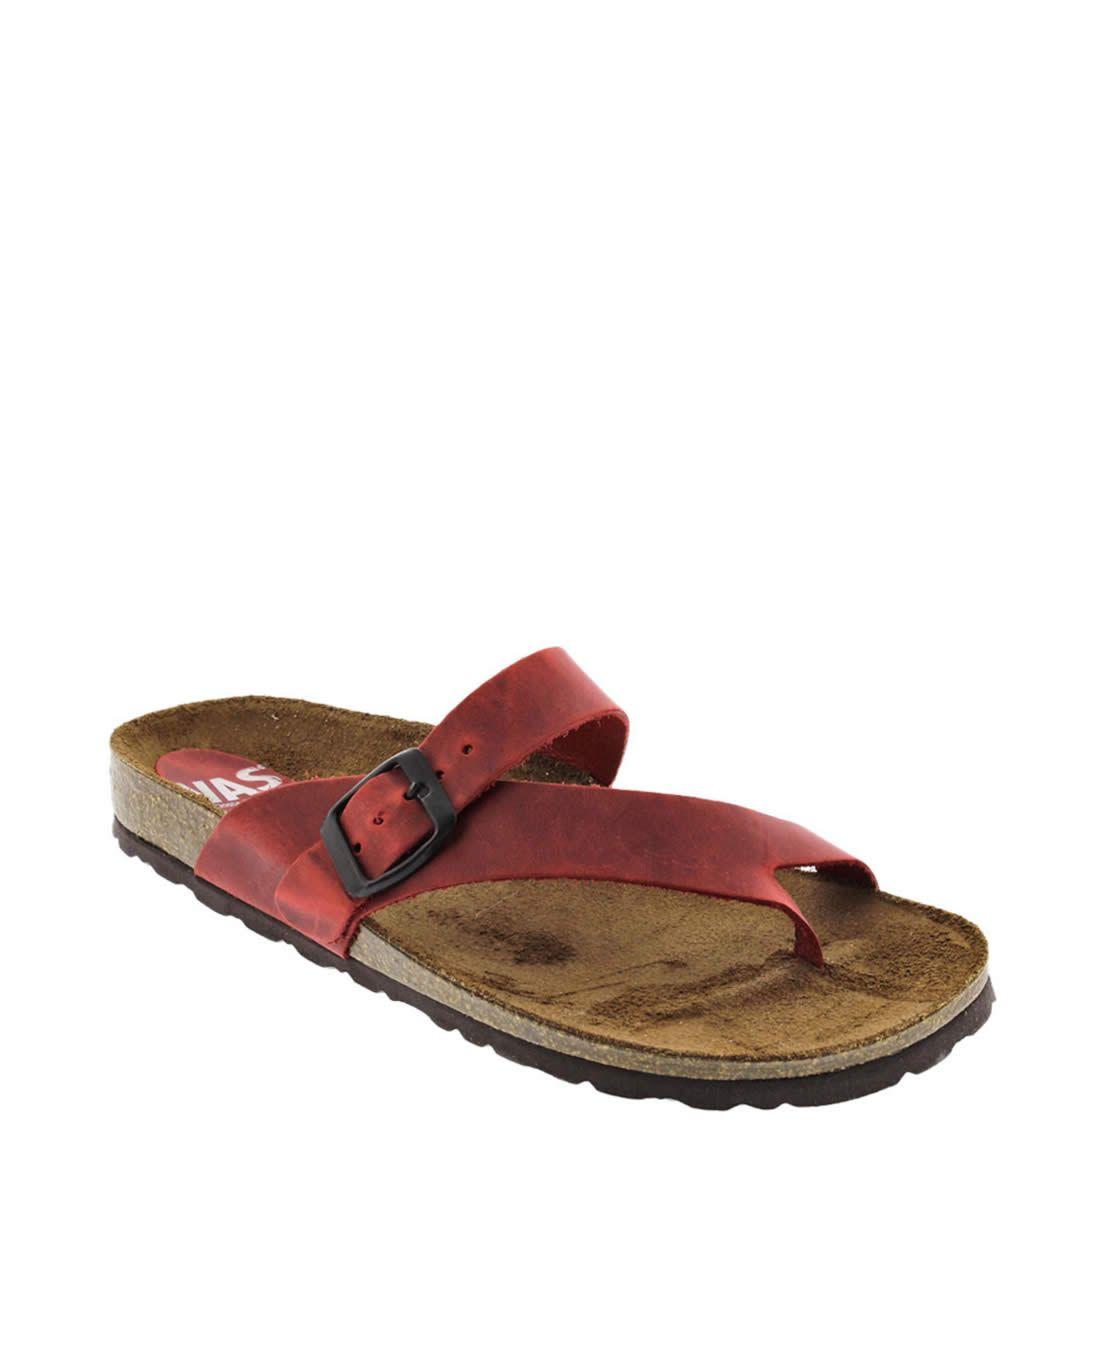 f3b27c541ed Sandalias planas VAS rojo 7119 | Minimalist Sandals | Pinterest ...